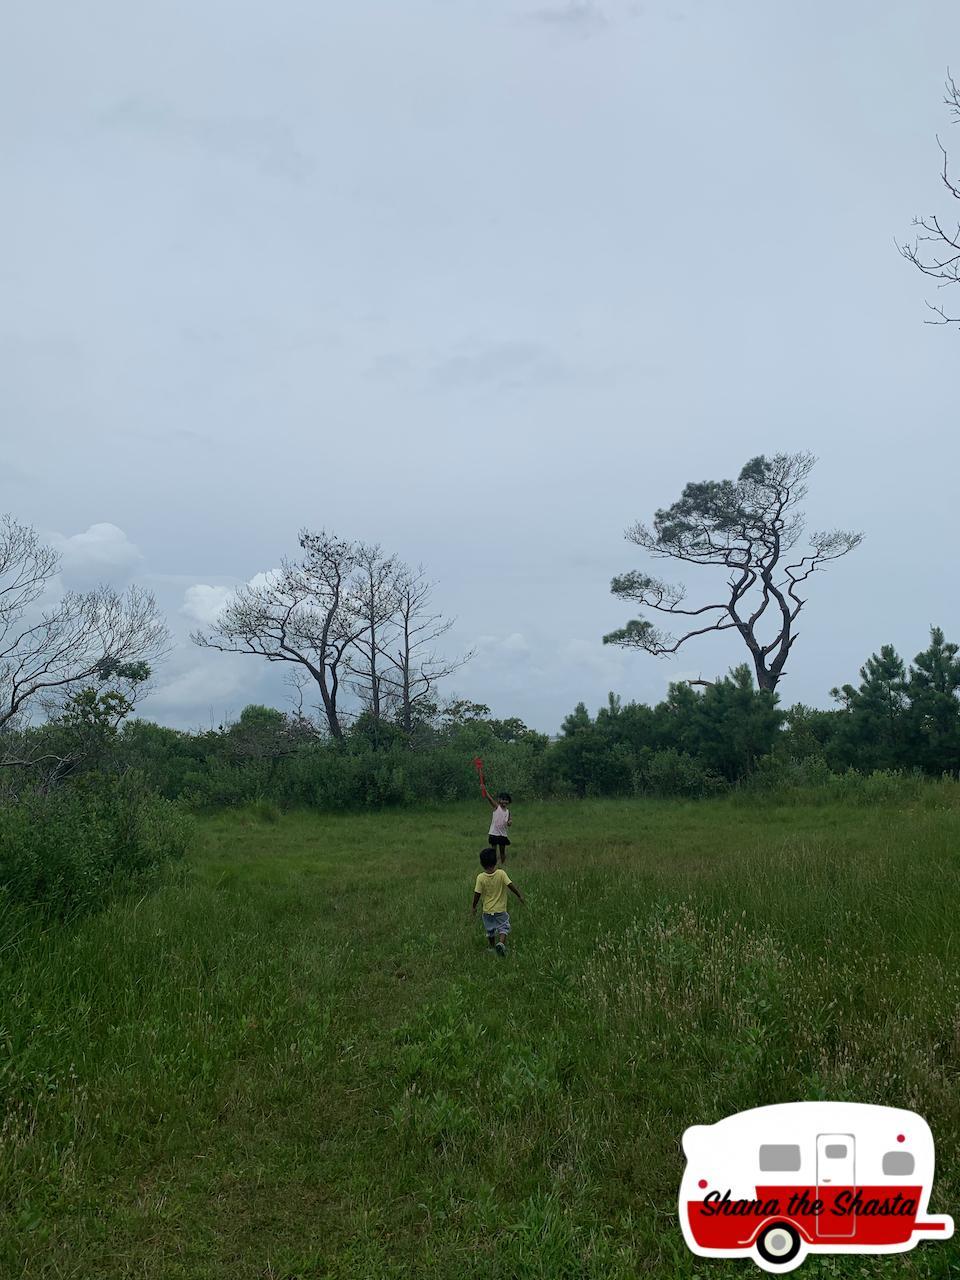 Catching-Dragonflies-on-Assateague